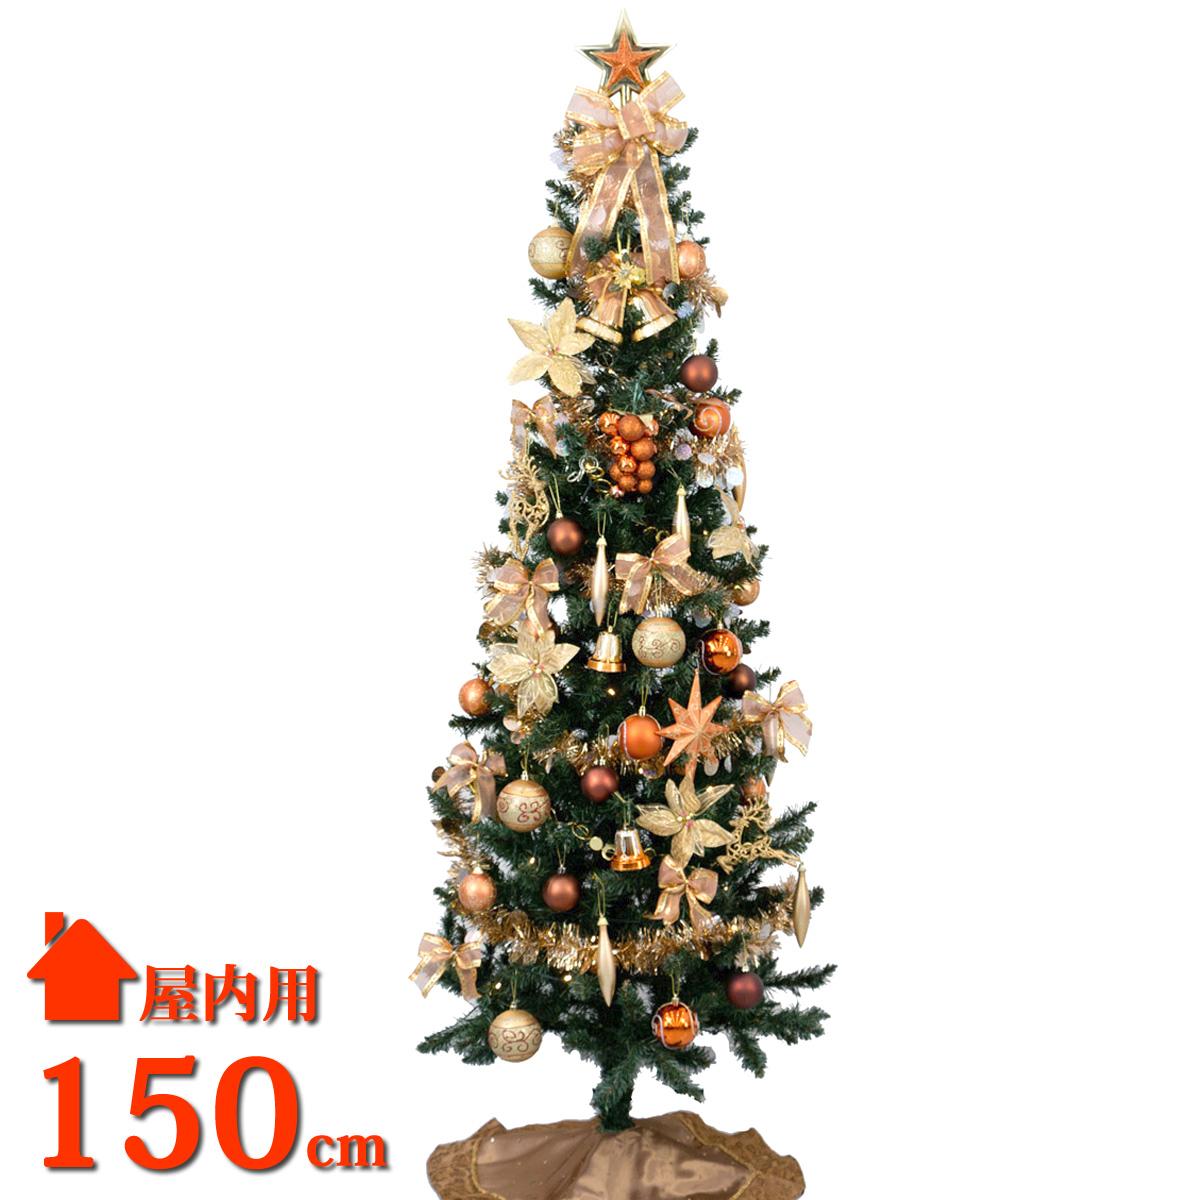 クリスマスツリー スリム 150cm LED ツリーセット コパー ゴールド 北欧 おしゃれ